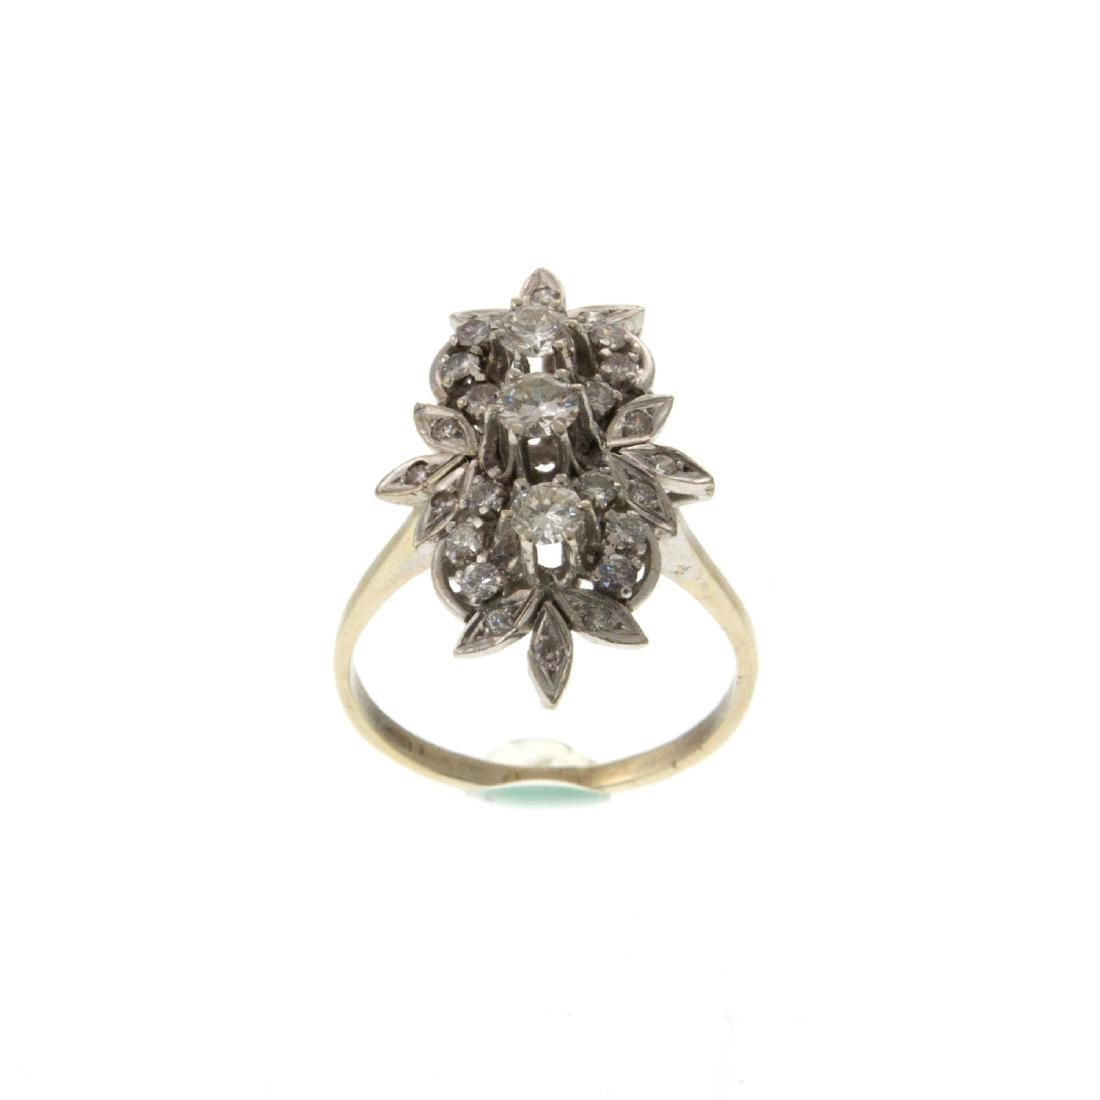 Impressive 14k White Gold 1.08ct Diamond Ring.